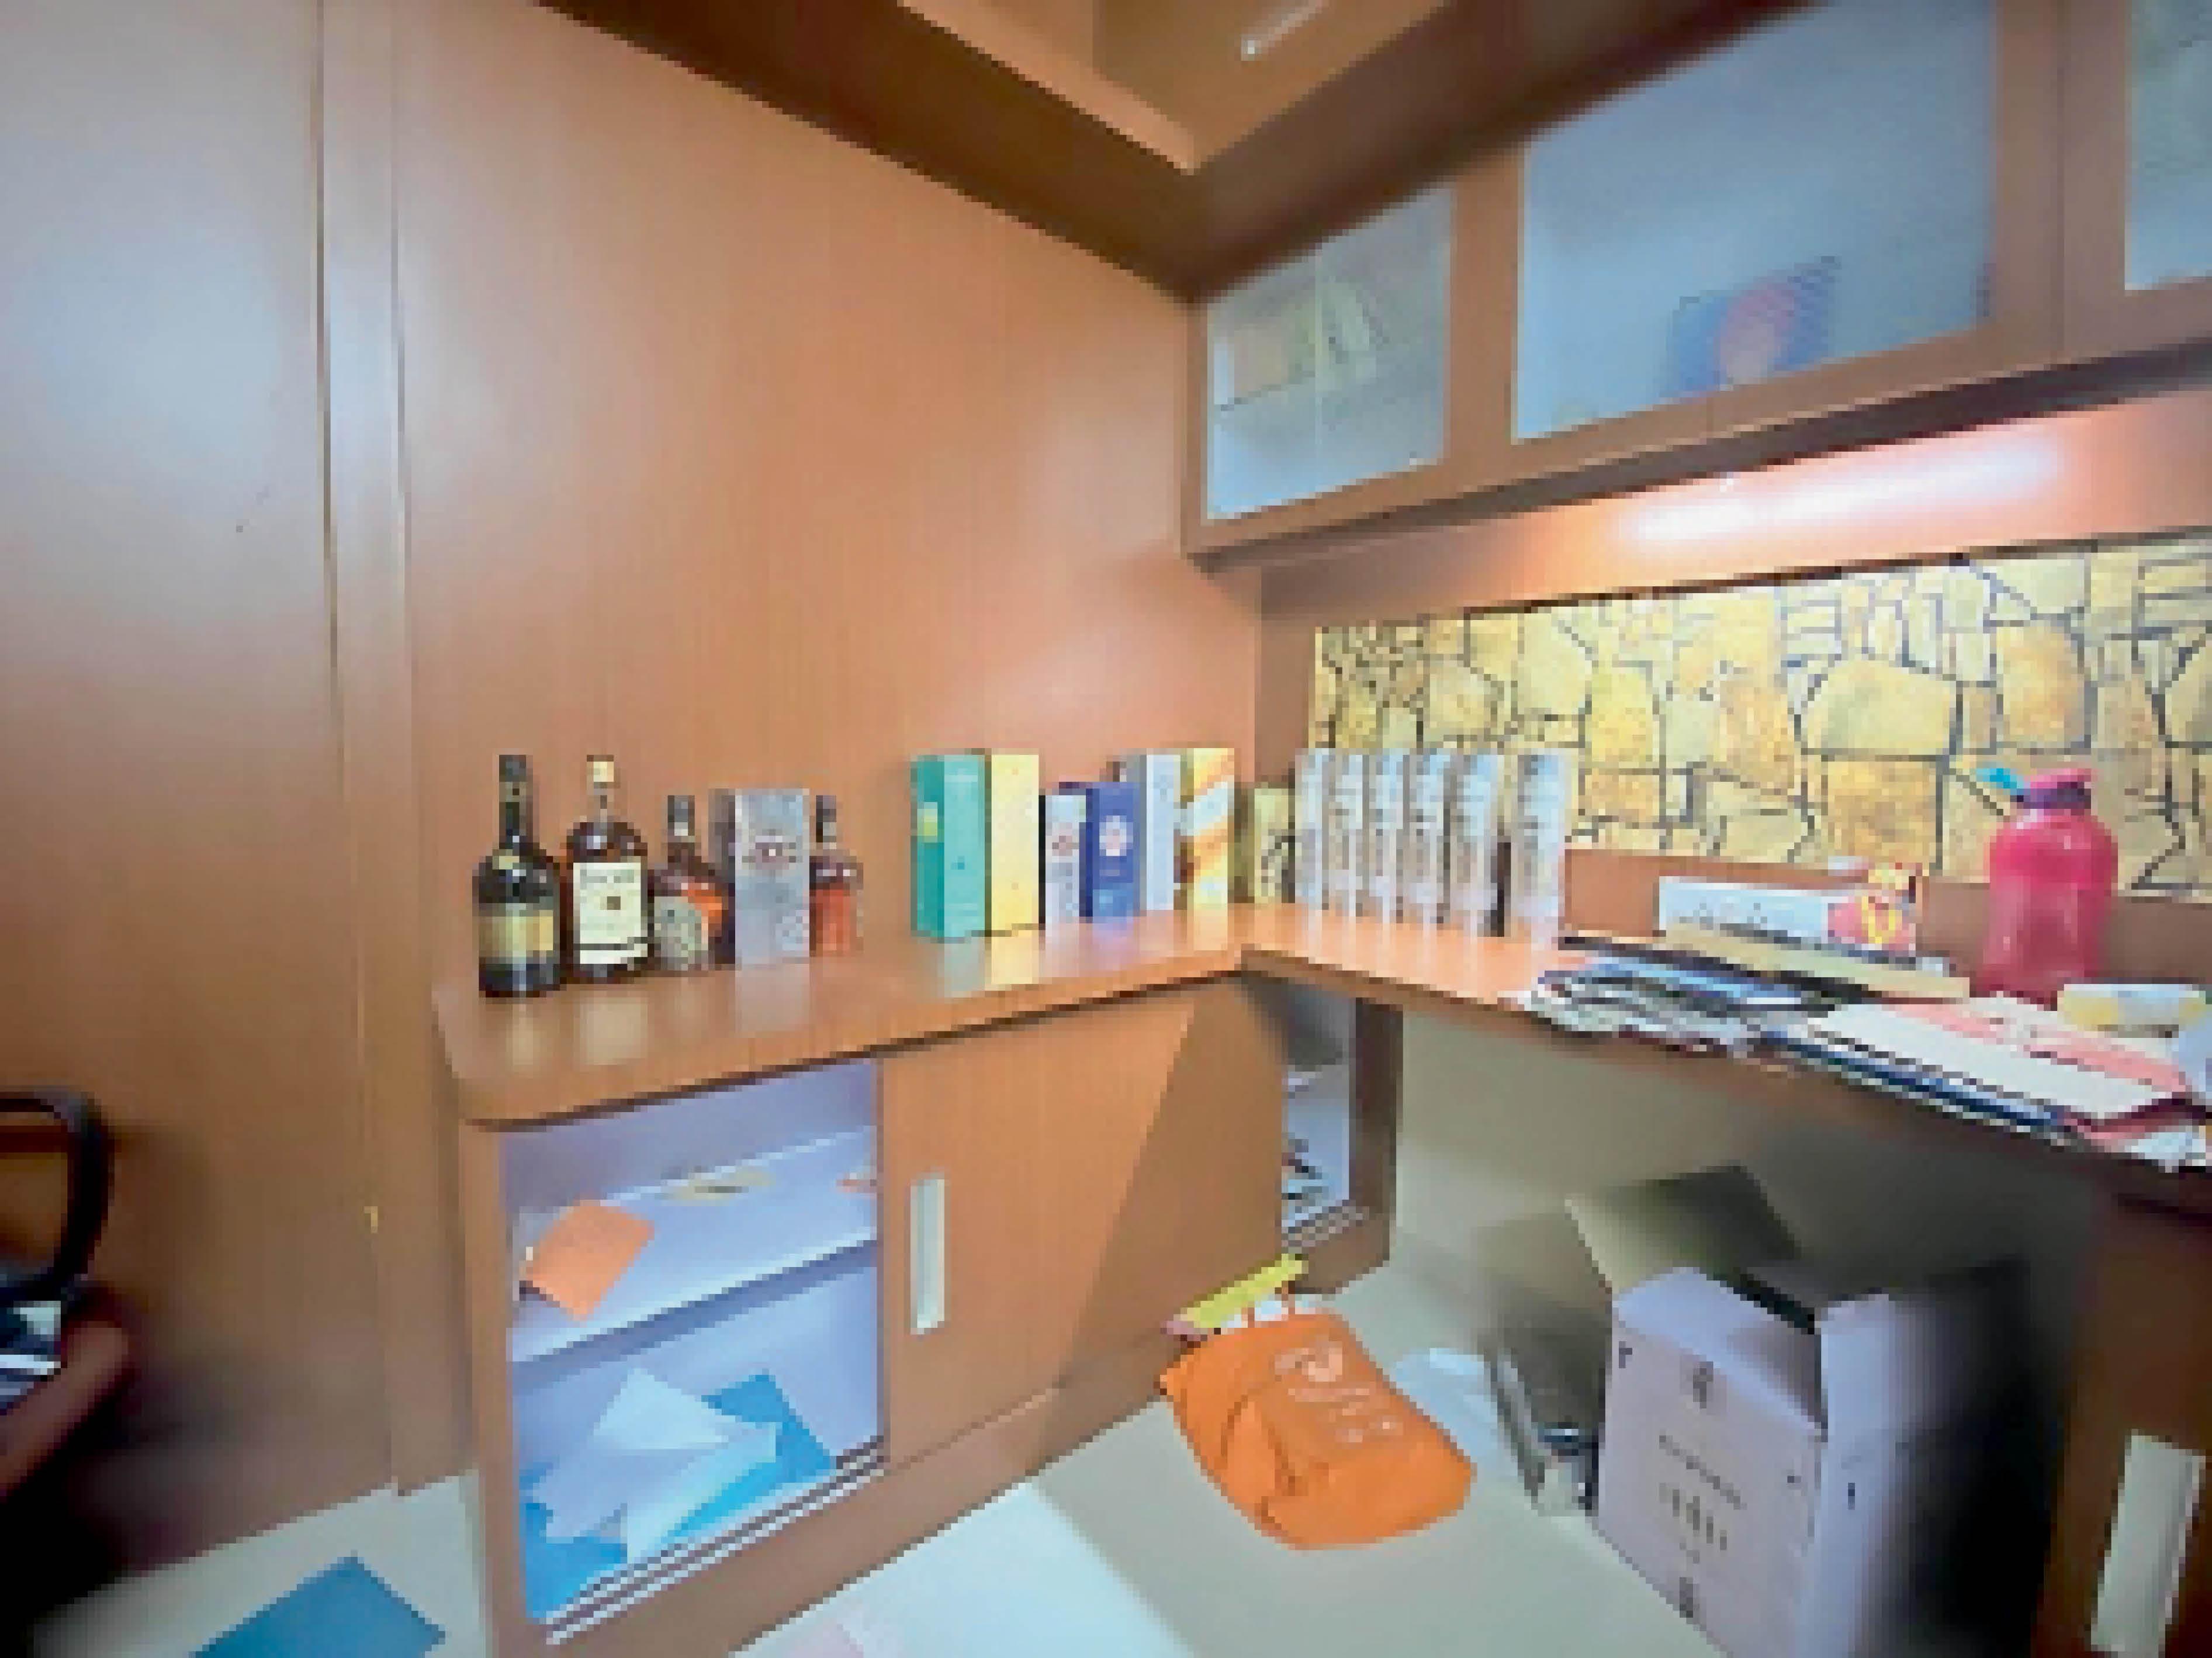 शराब का भी शौकीन, जोधपुर के फ्लैट से 18 बोतलें मिलीं